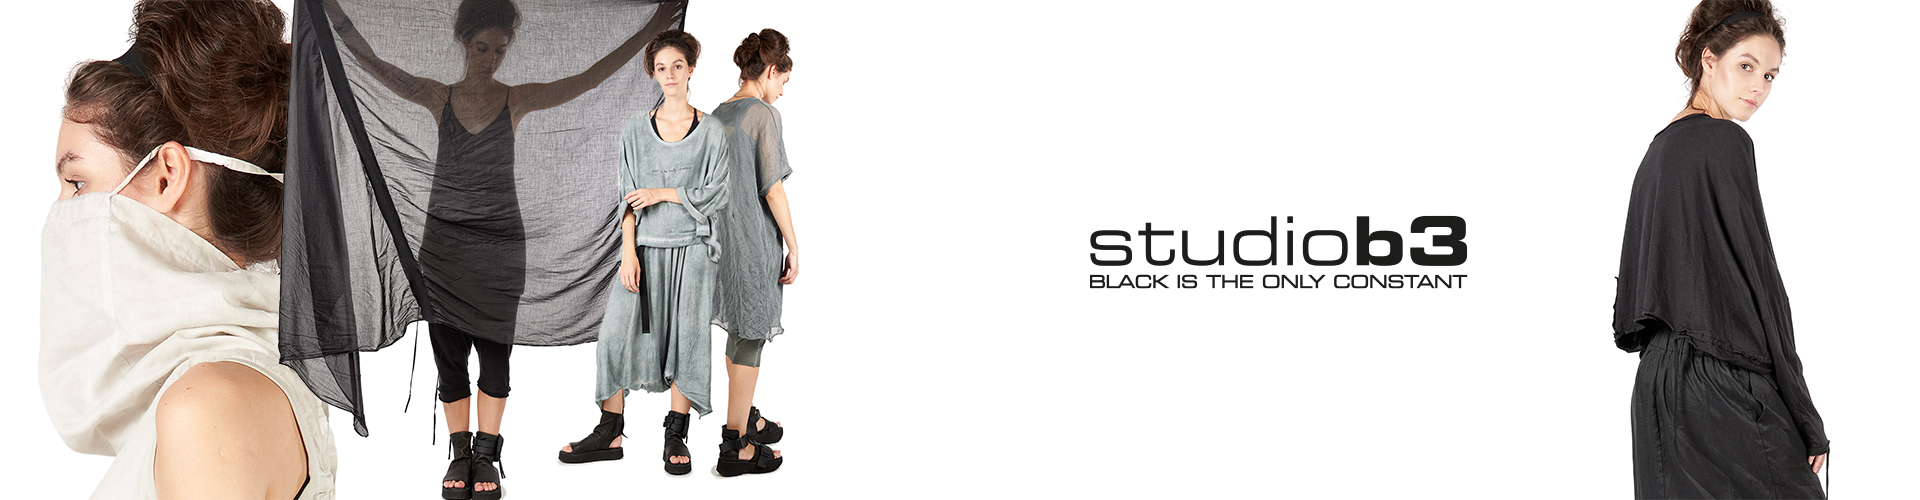 STUDIO B3 - stark reduzierte Artikel finden Sie in unserem Sale Bereich!